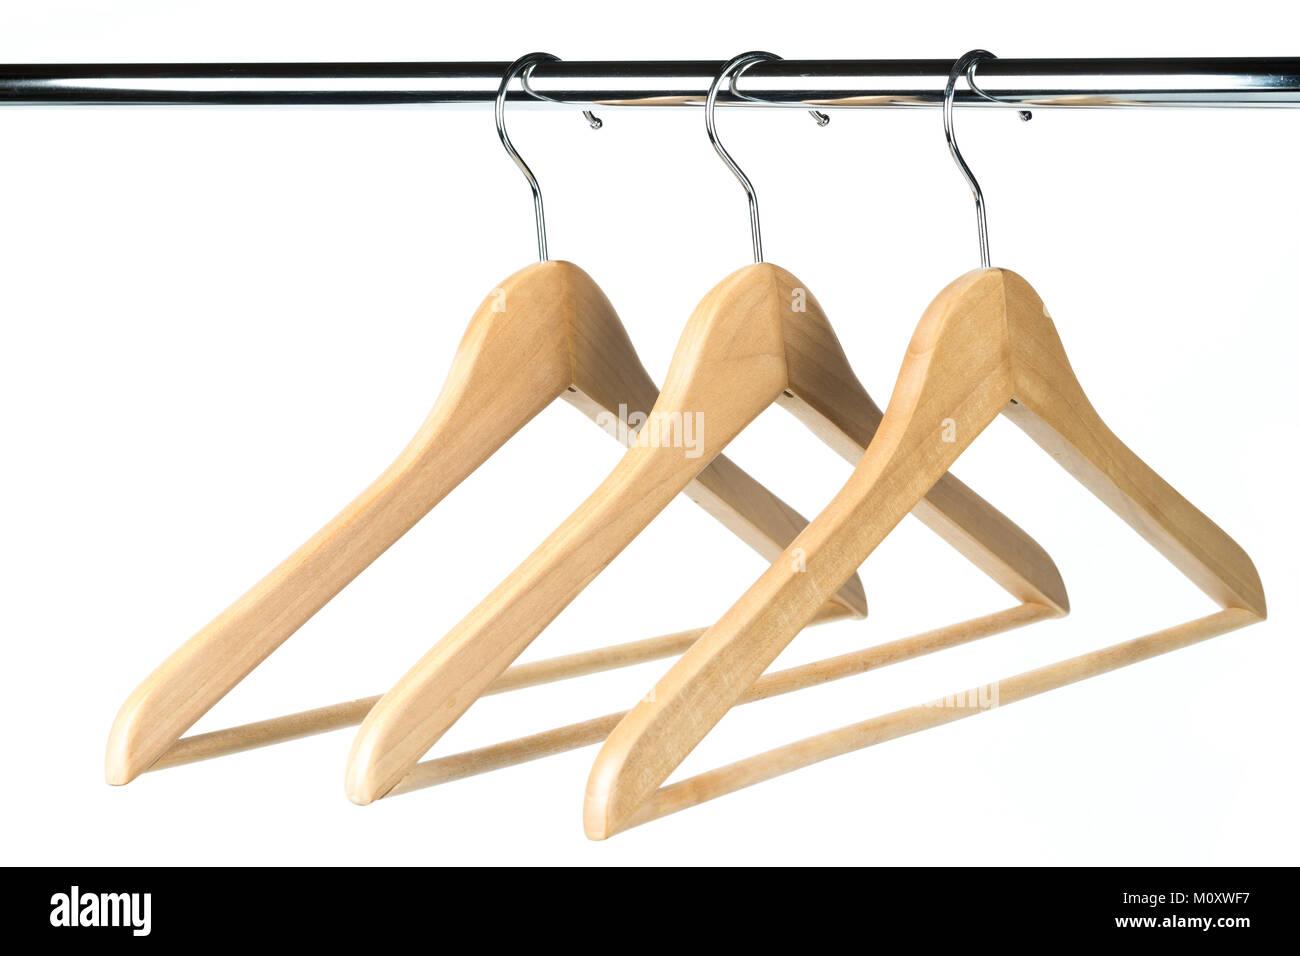 Drei Holz- Mantel-/Kleiderbügel auf einer Kleiderstange mit einem ...